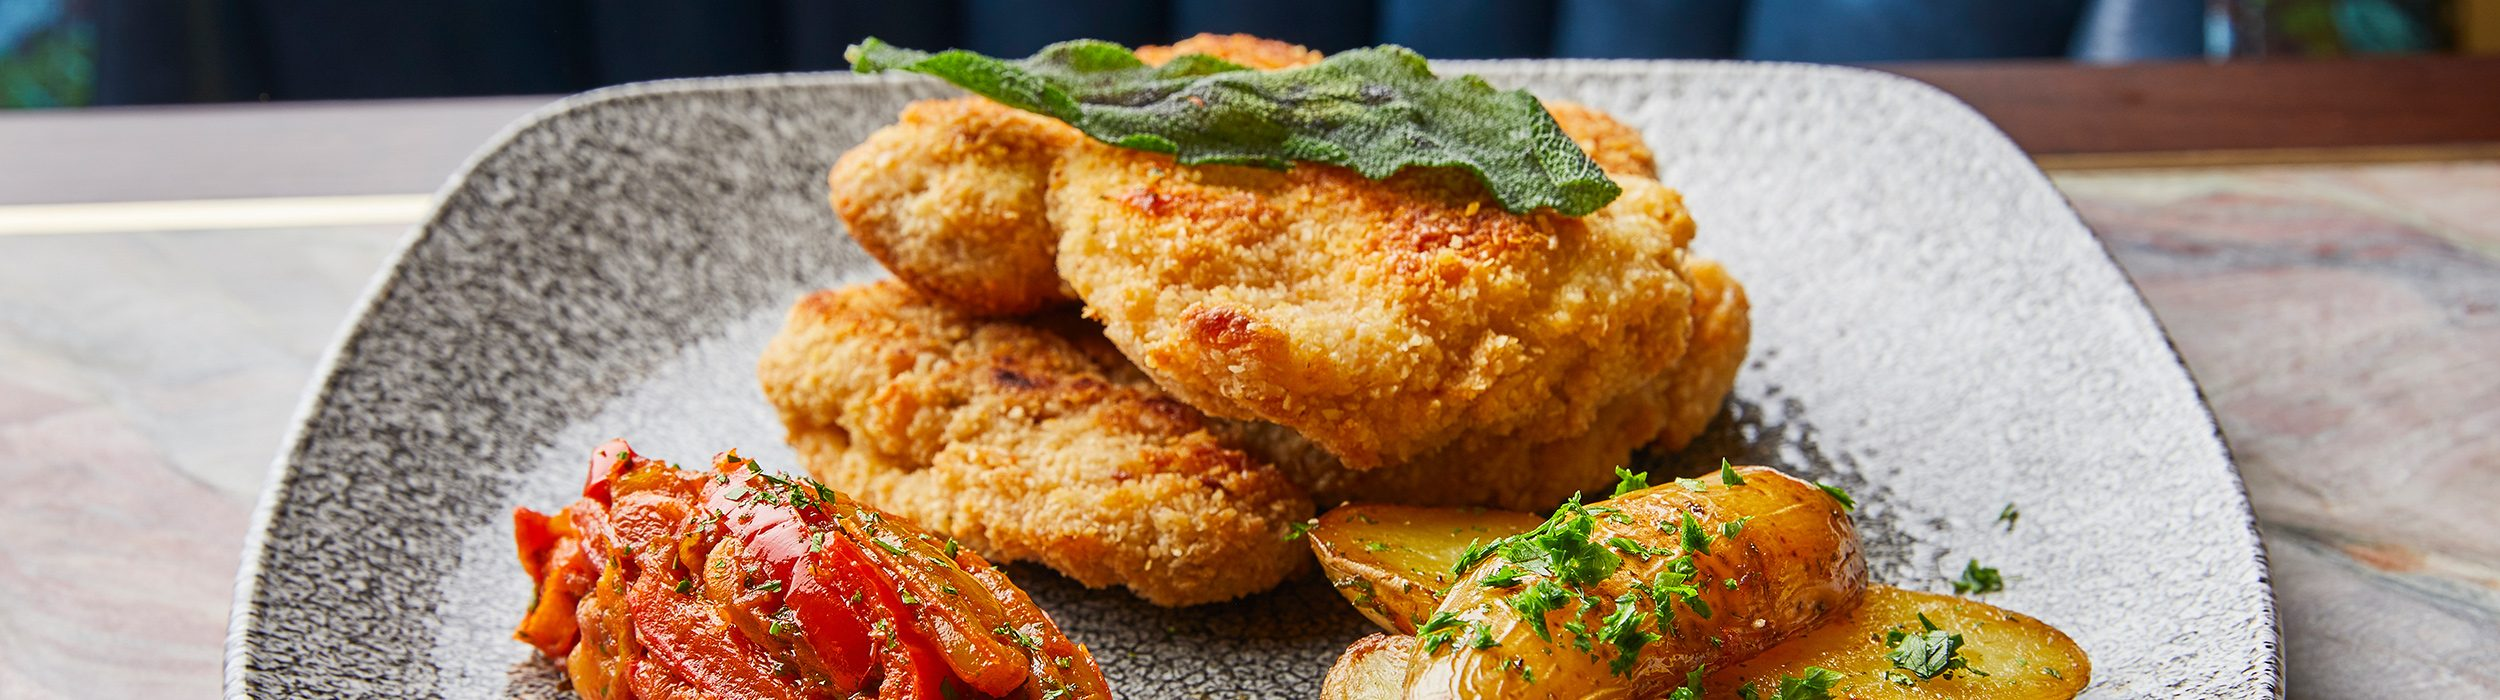 Tish Bar & Restaurant Shabbat Menu